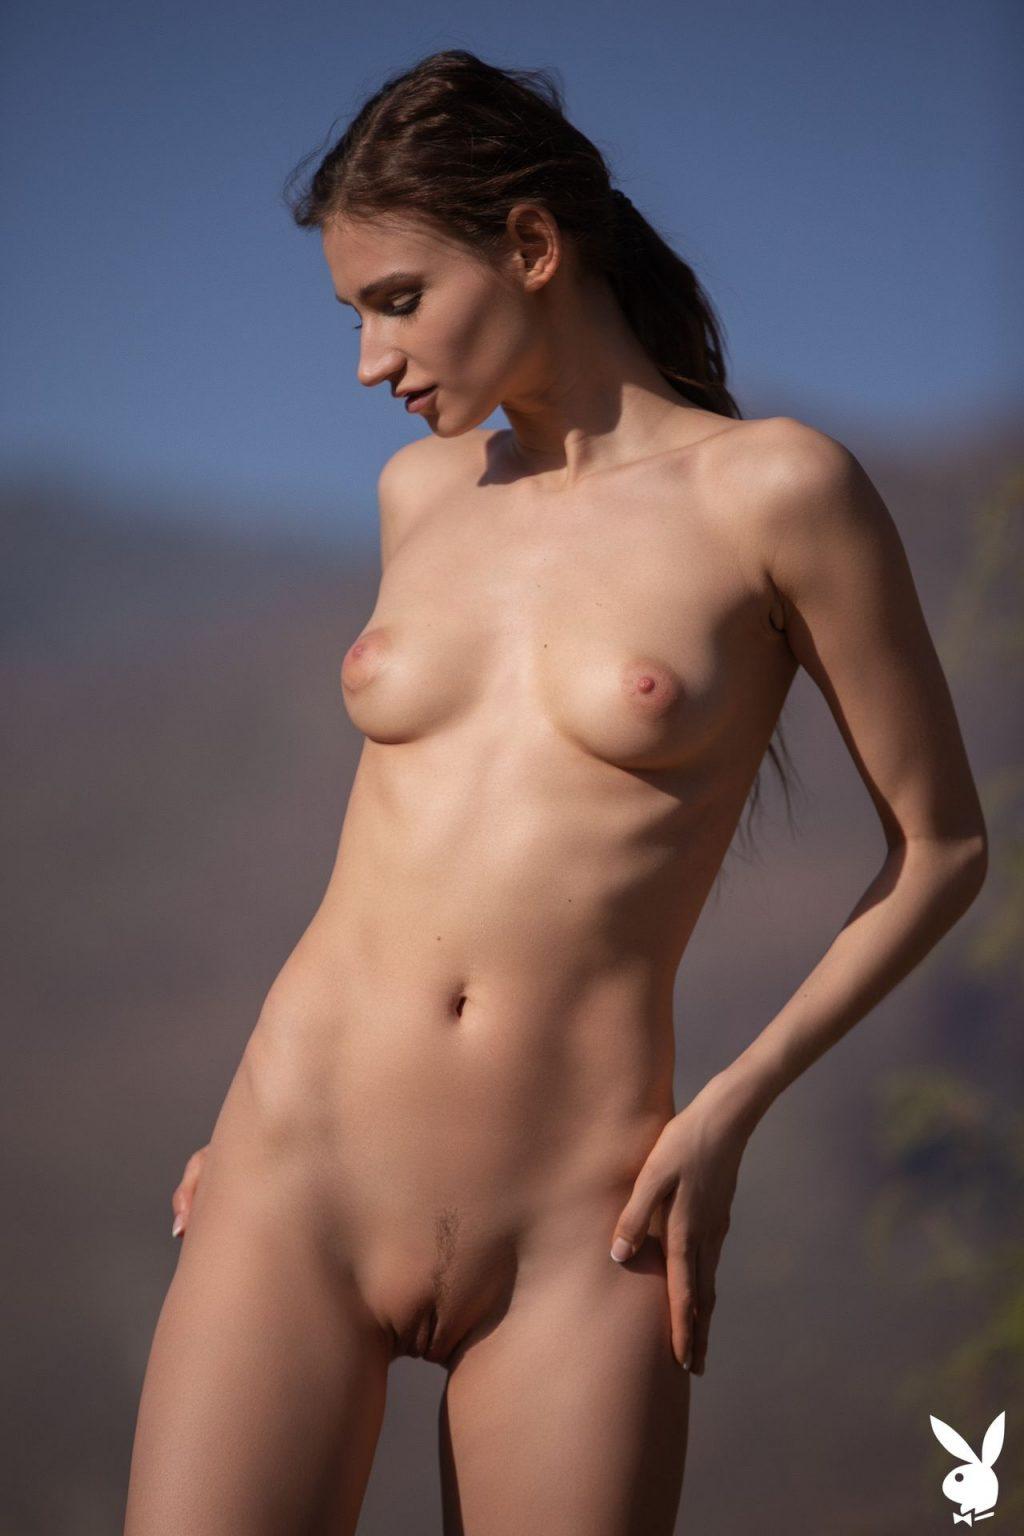 Ilvy Kokomo Nude – Perfect Balance (28 Photos + GIFs & Video)